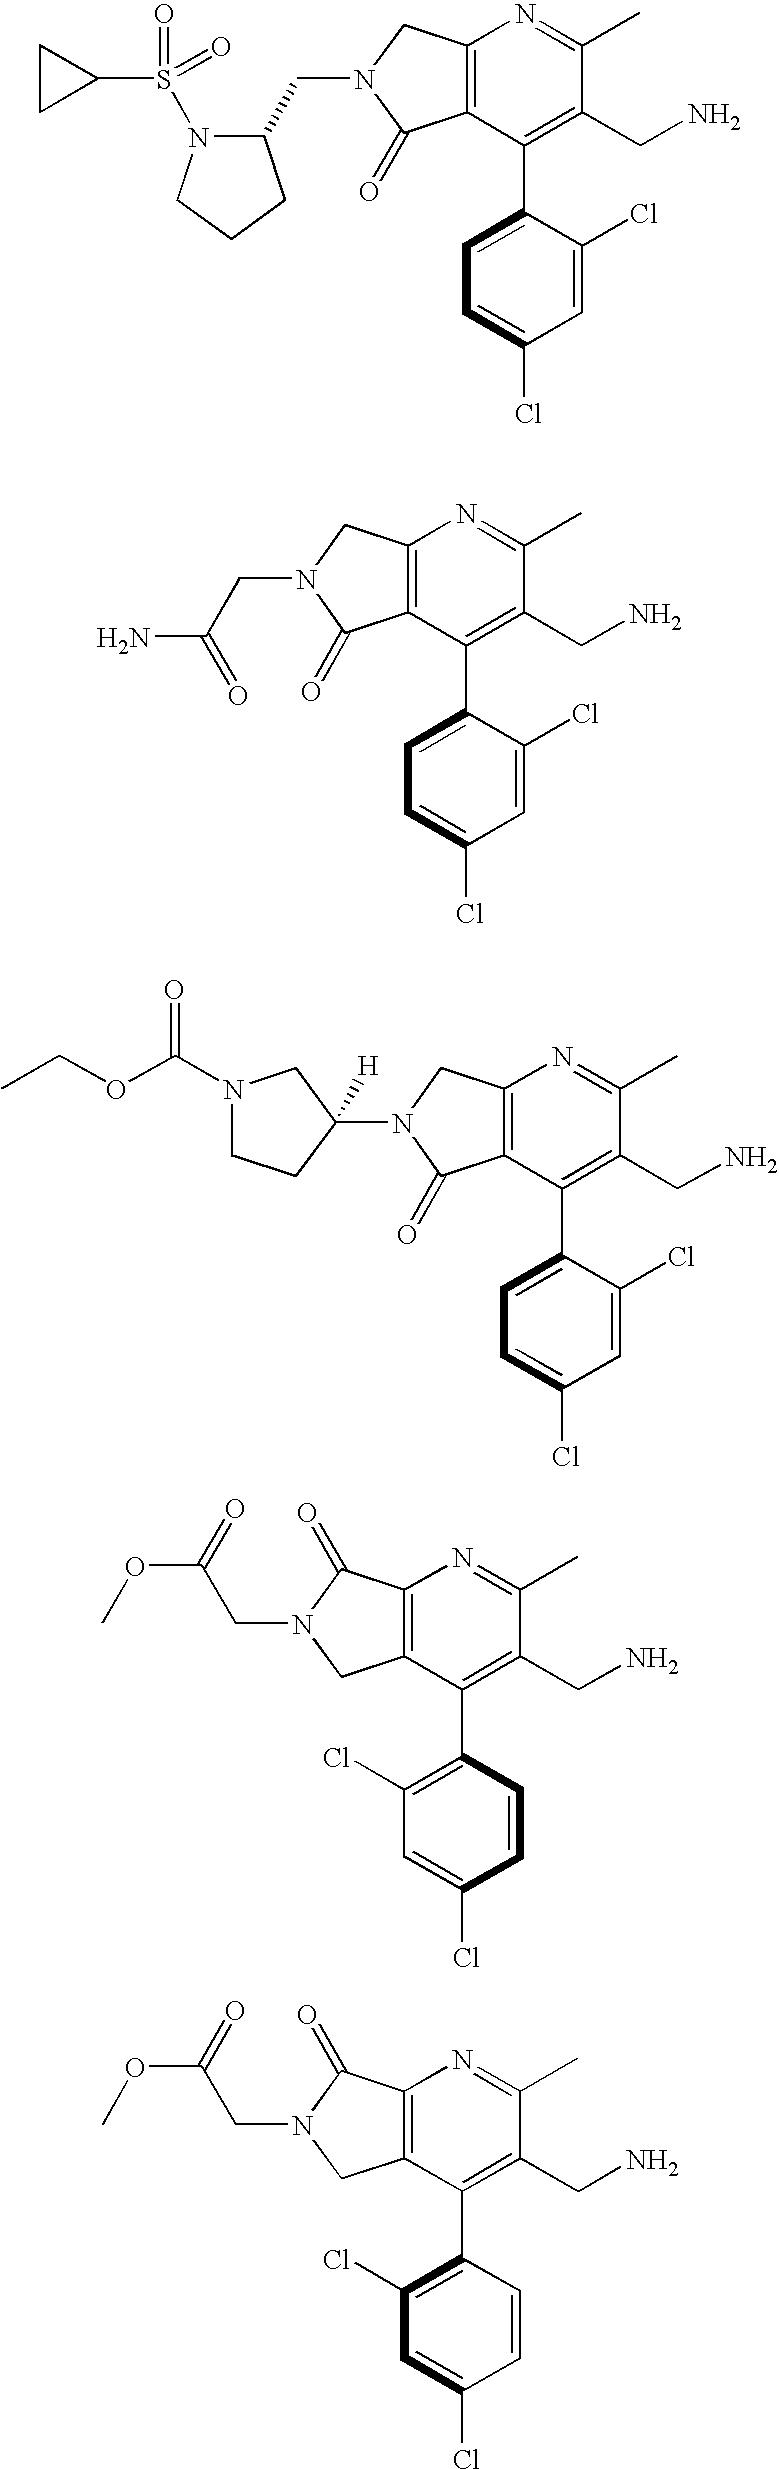 Figure US07521557-20090421-C00018